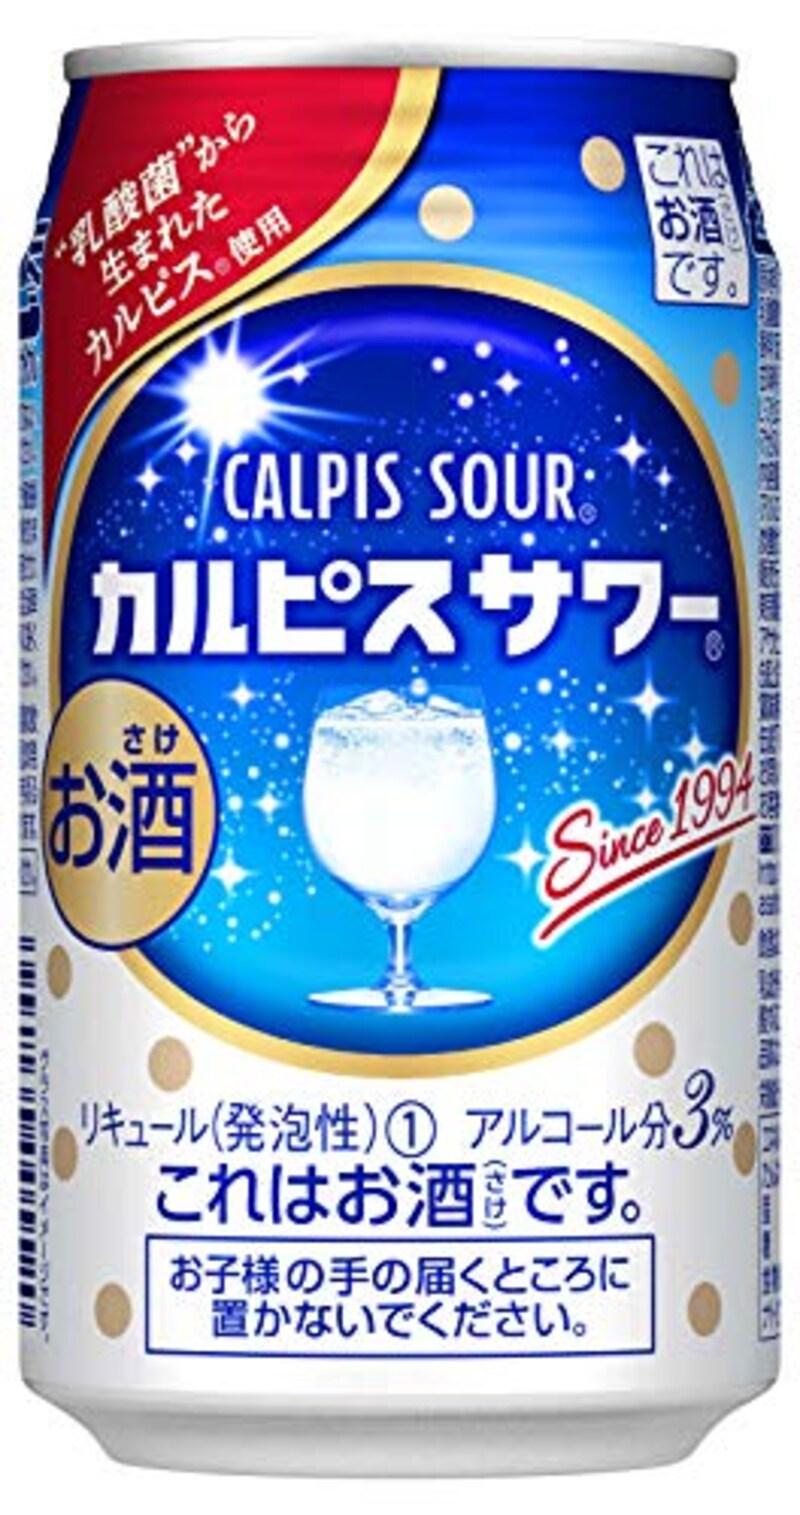 アサヒ飲料,カルピスサワーチューハイ